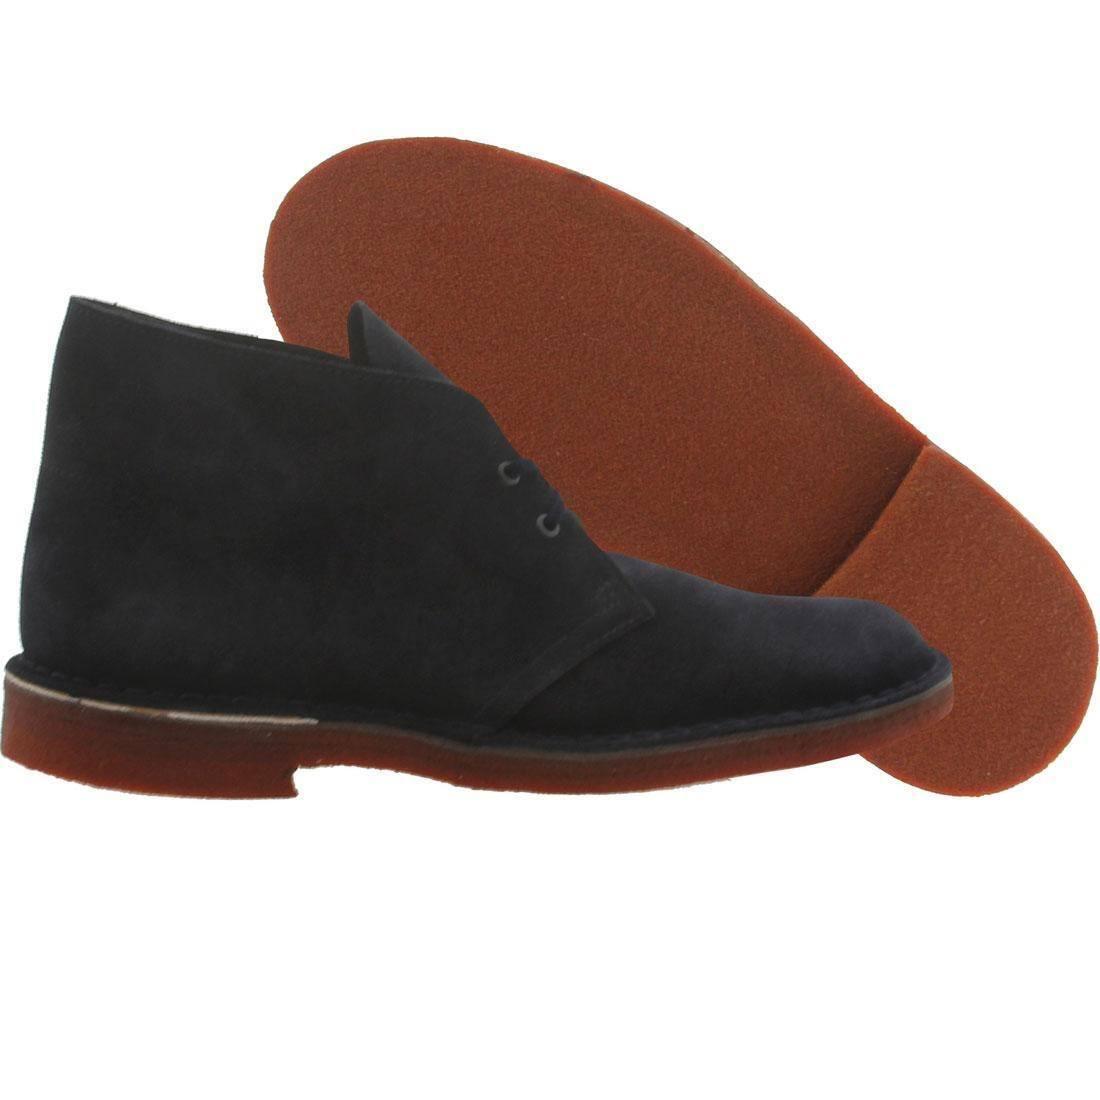 125.00 Clarks Men Desert Boot Suede (navy / brick / crepe) 105027